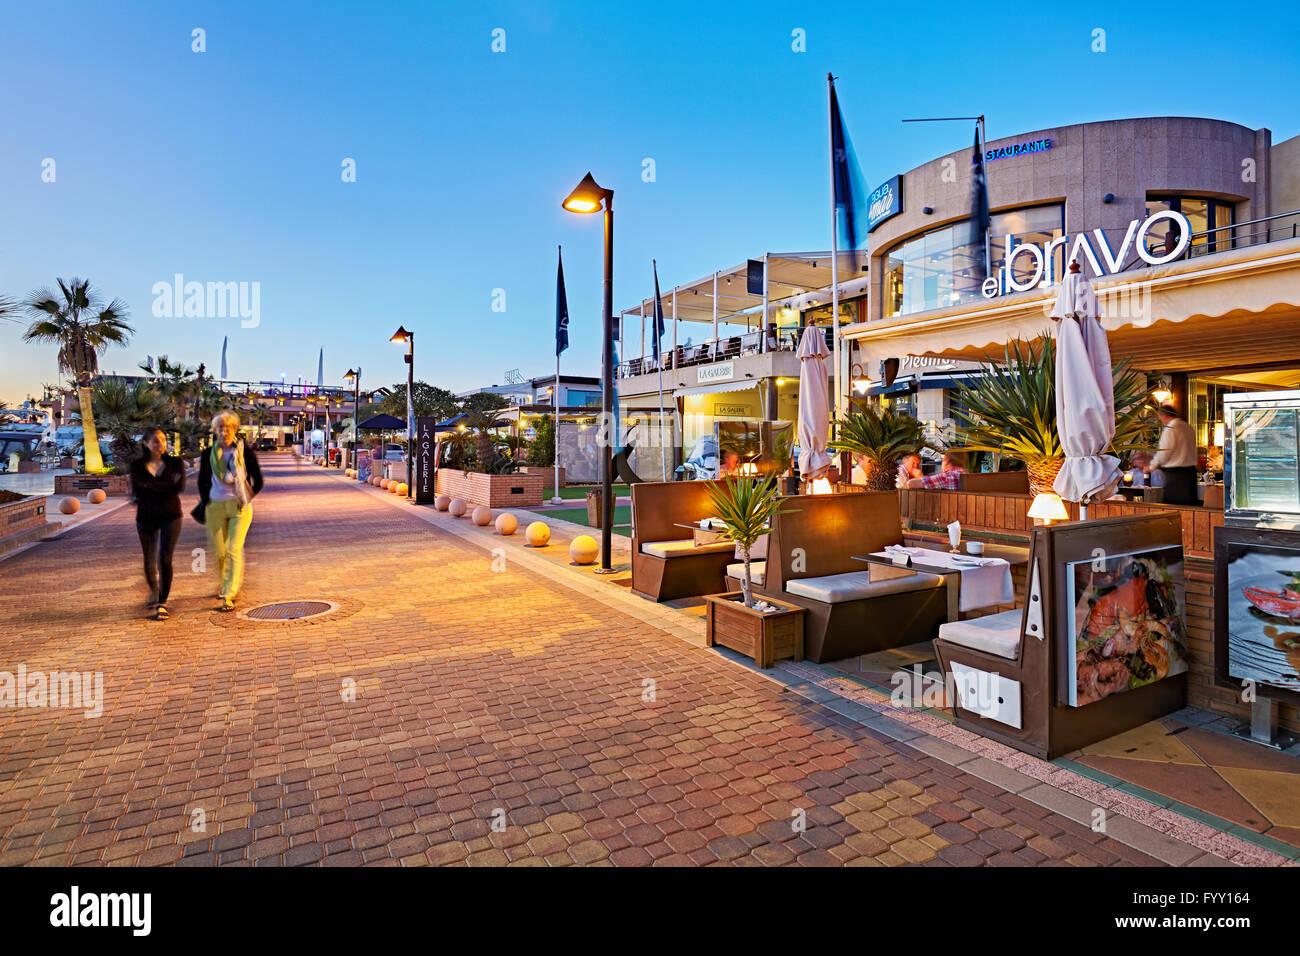 Valencia Bars And Restaurants